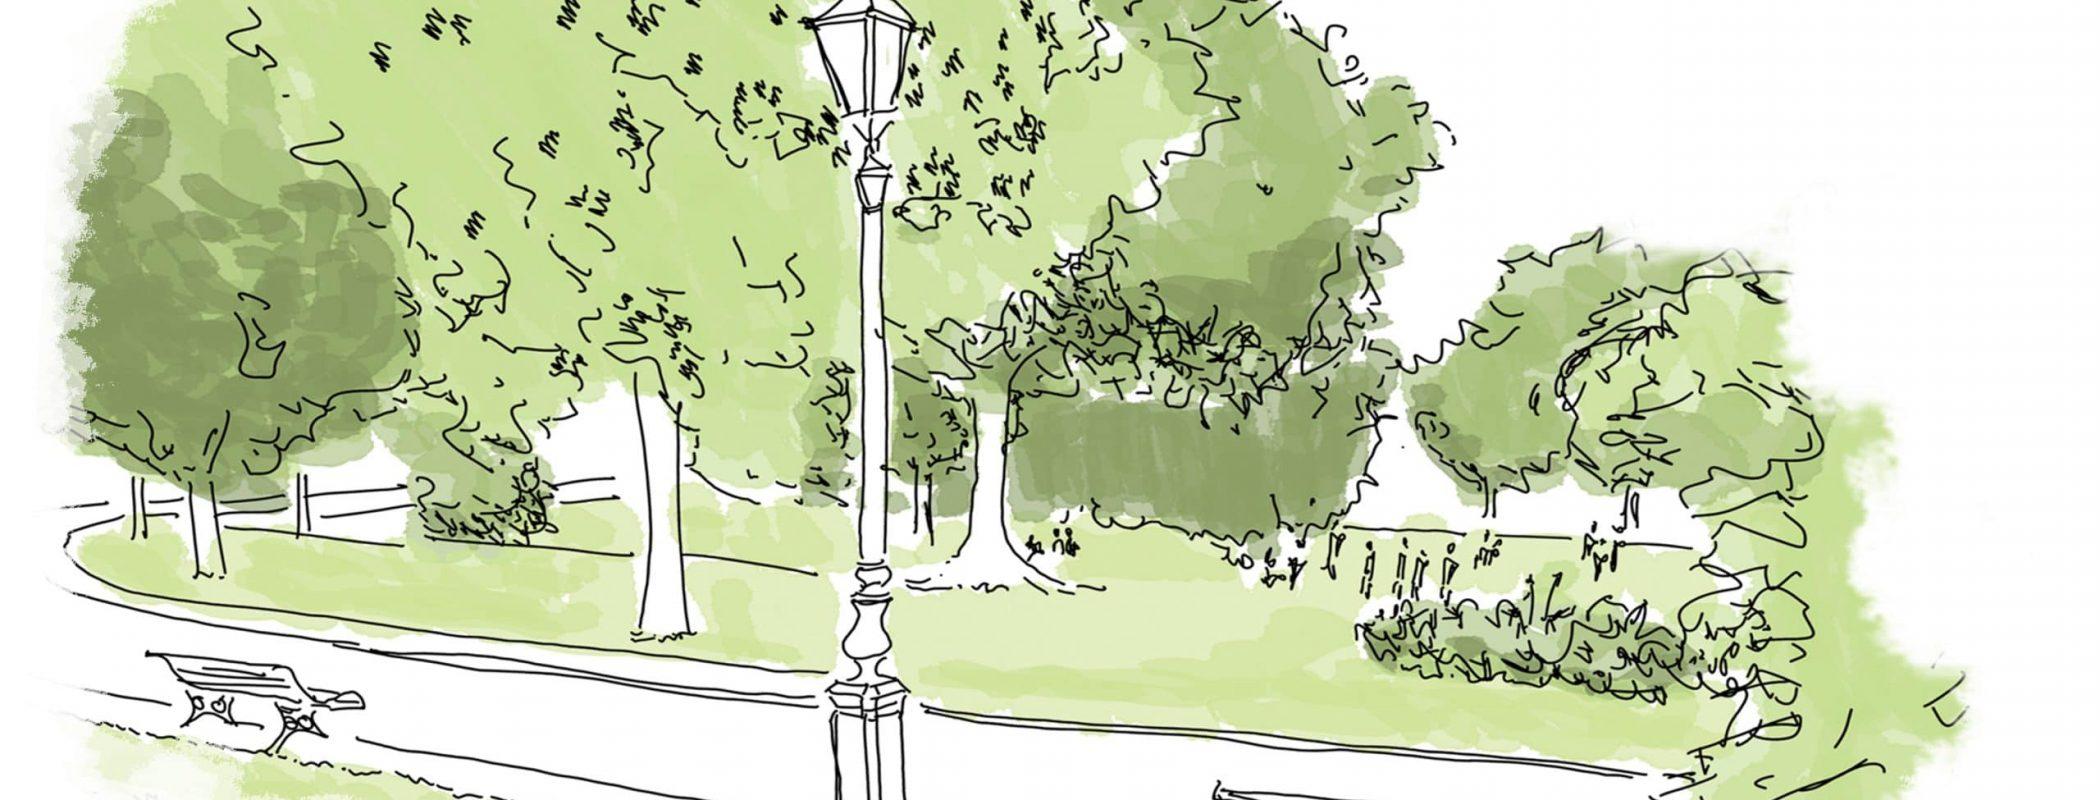 Parc - Groupe écologiste de Paris